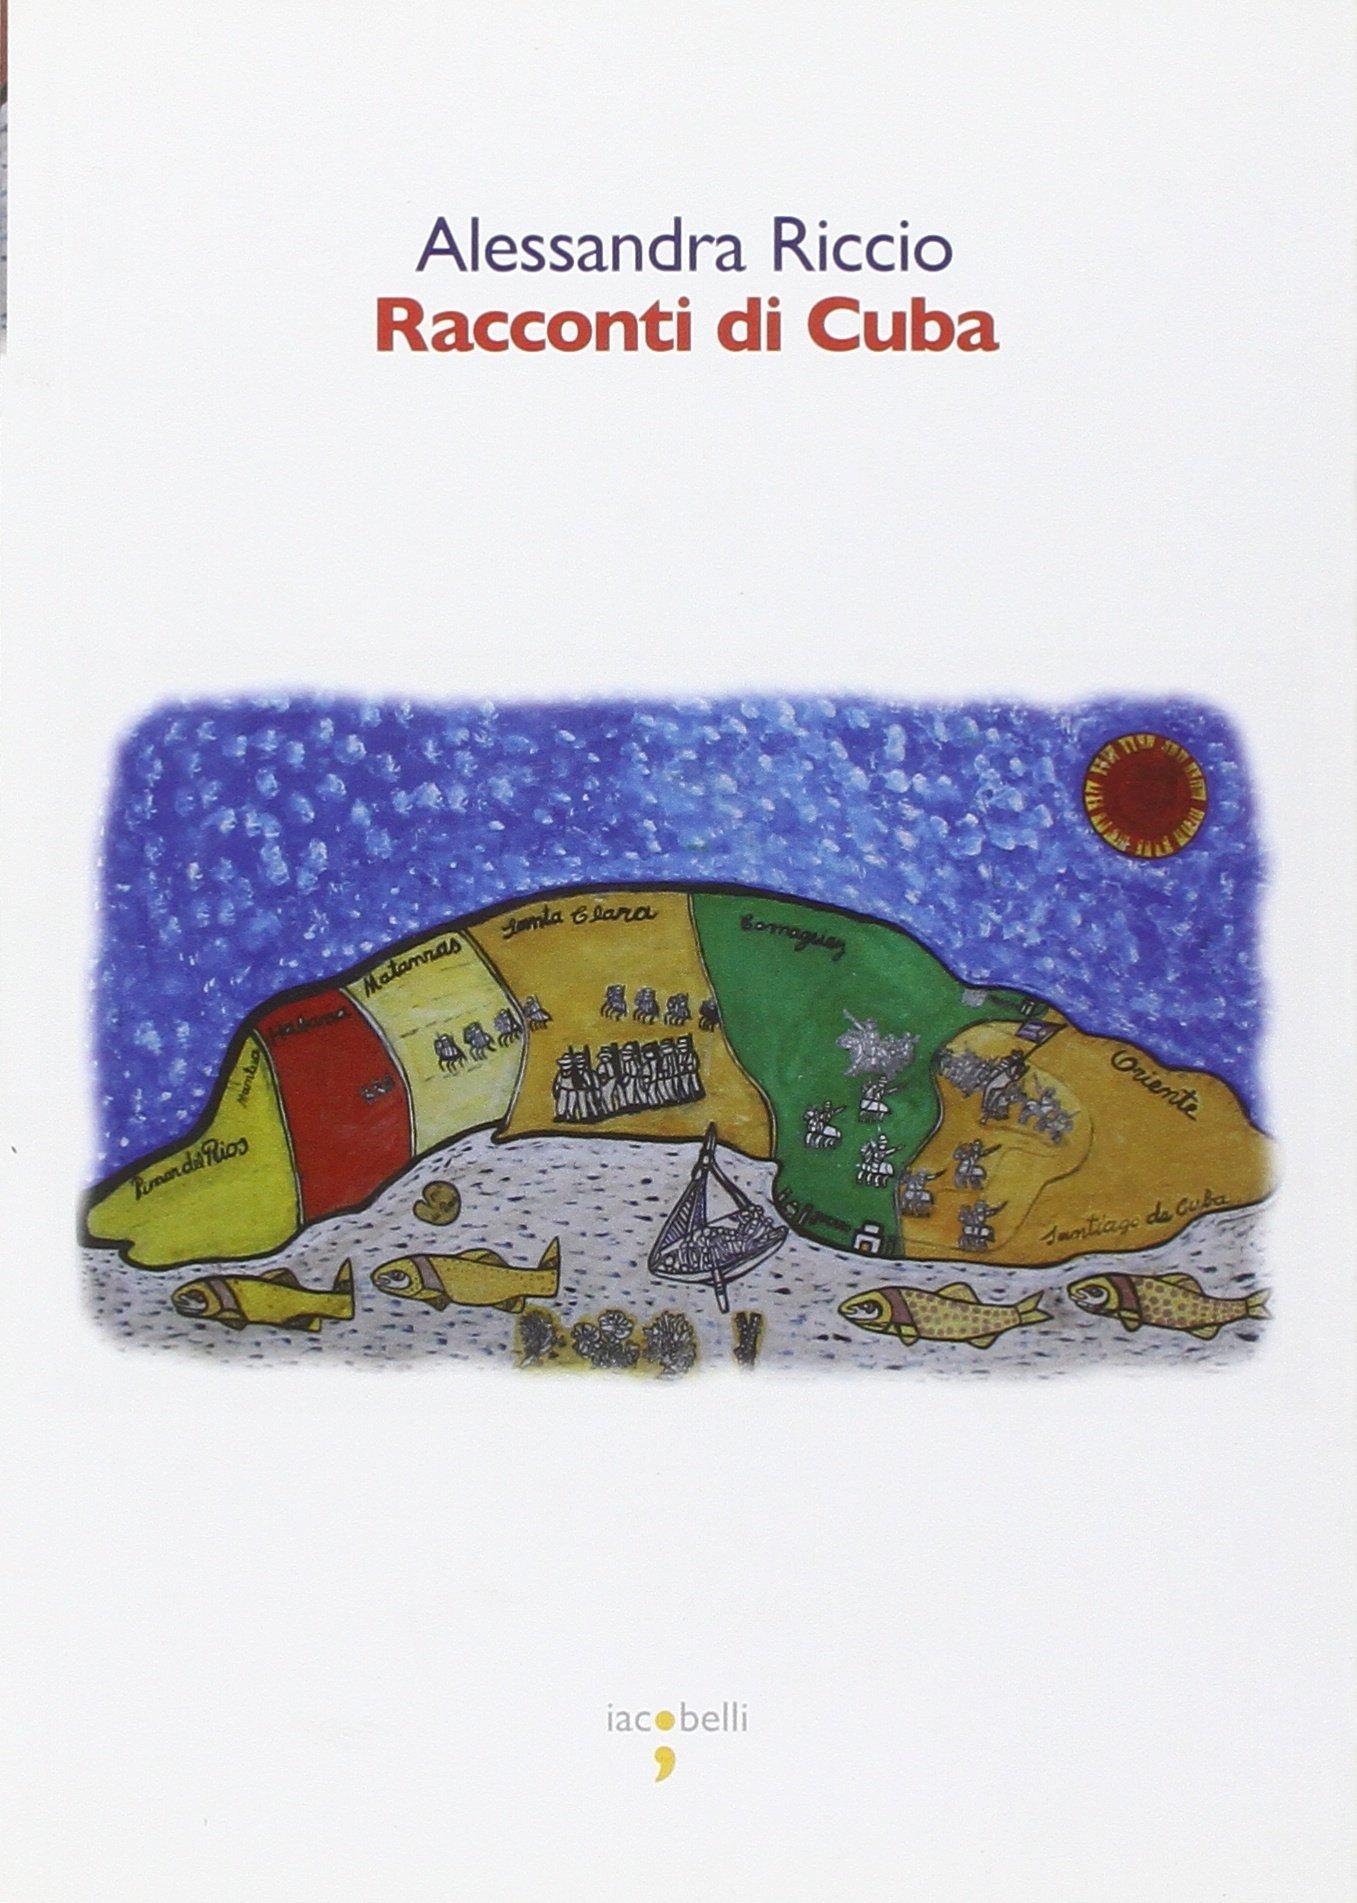 Amazon.it: Racconti di Cuba - Riccio, Alessandra - Libri